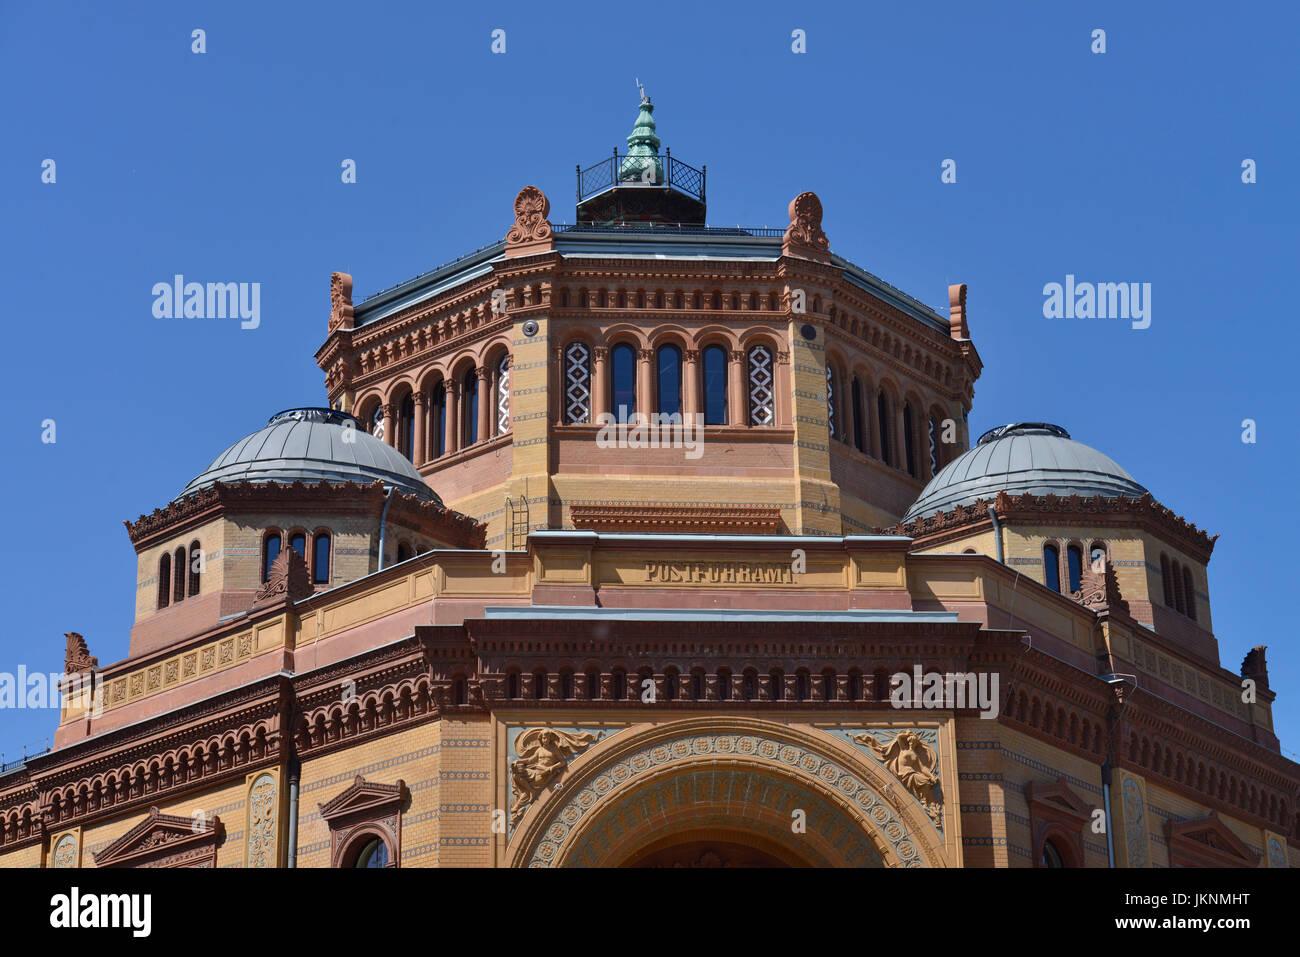 Postfuhramt, Oranienburger street, middle, Berlin, Germany, Oranienburger Strasse, Mitte, Deutschland - Stock Image